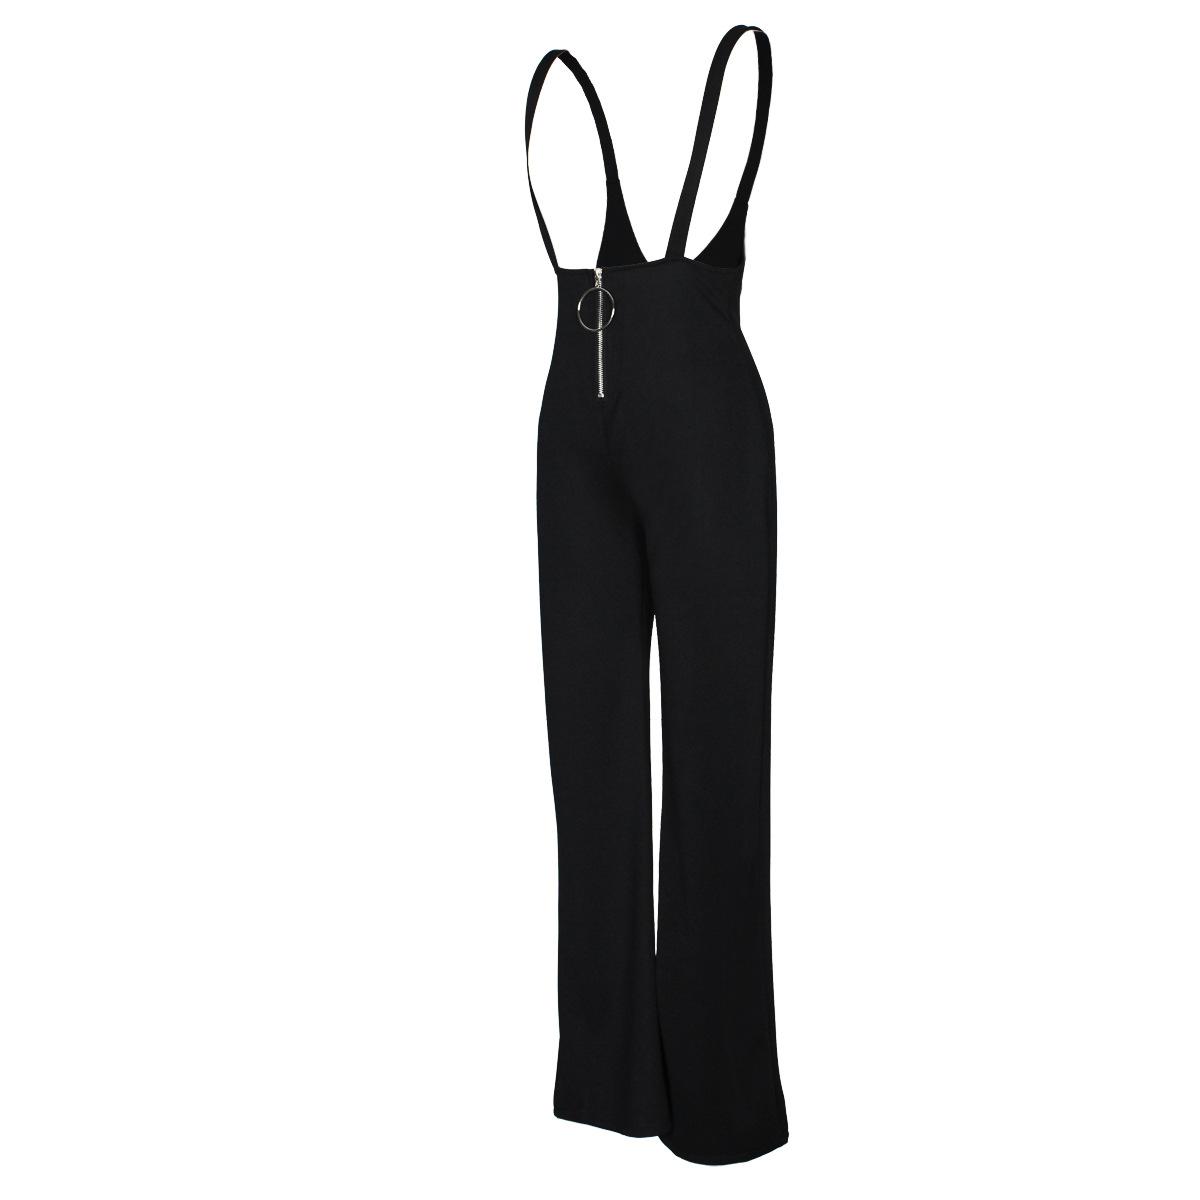 Sexy High Waist Zipper Design Calças Pretas De Poliéster Suspenso